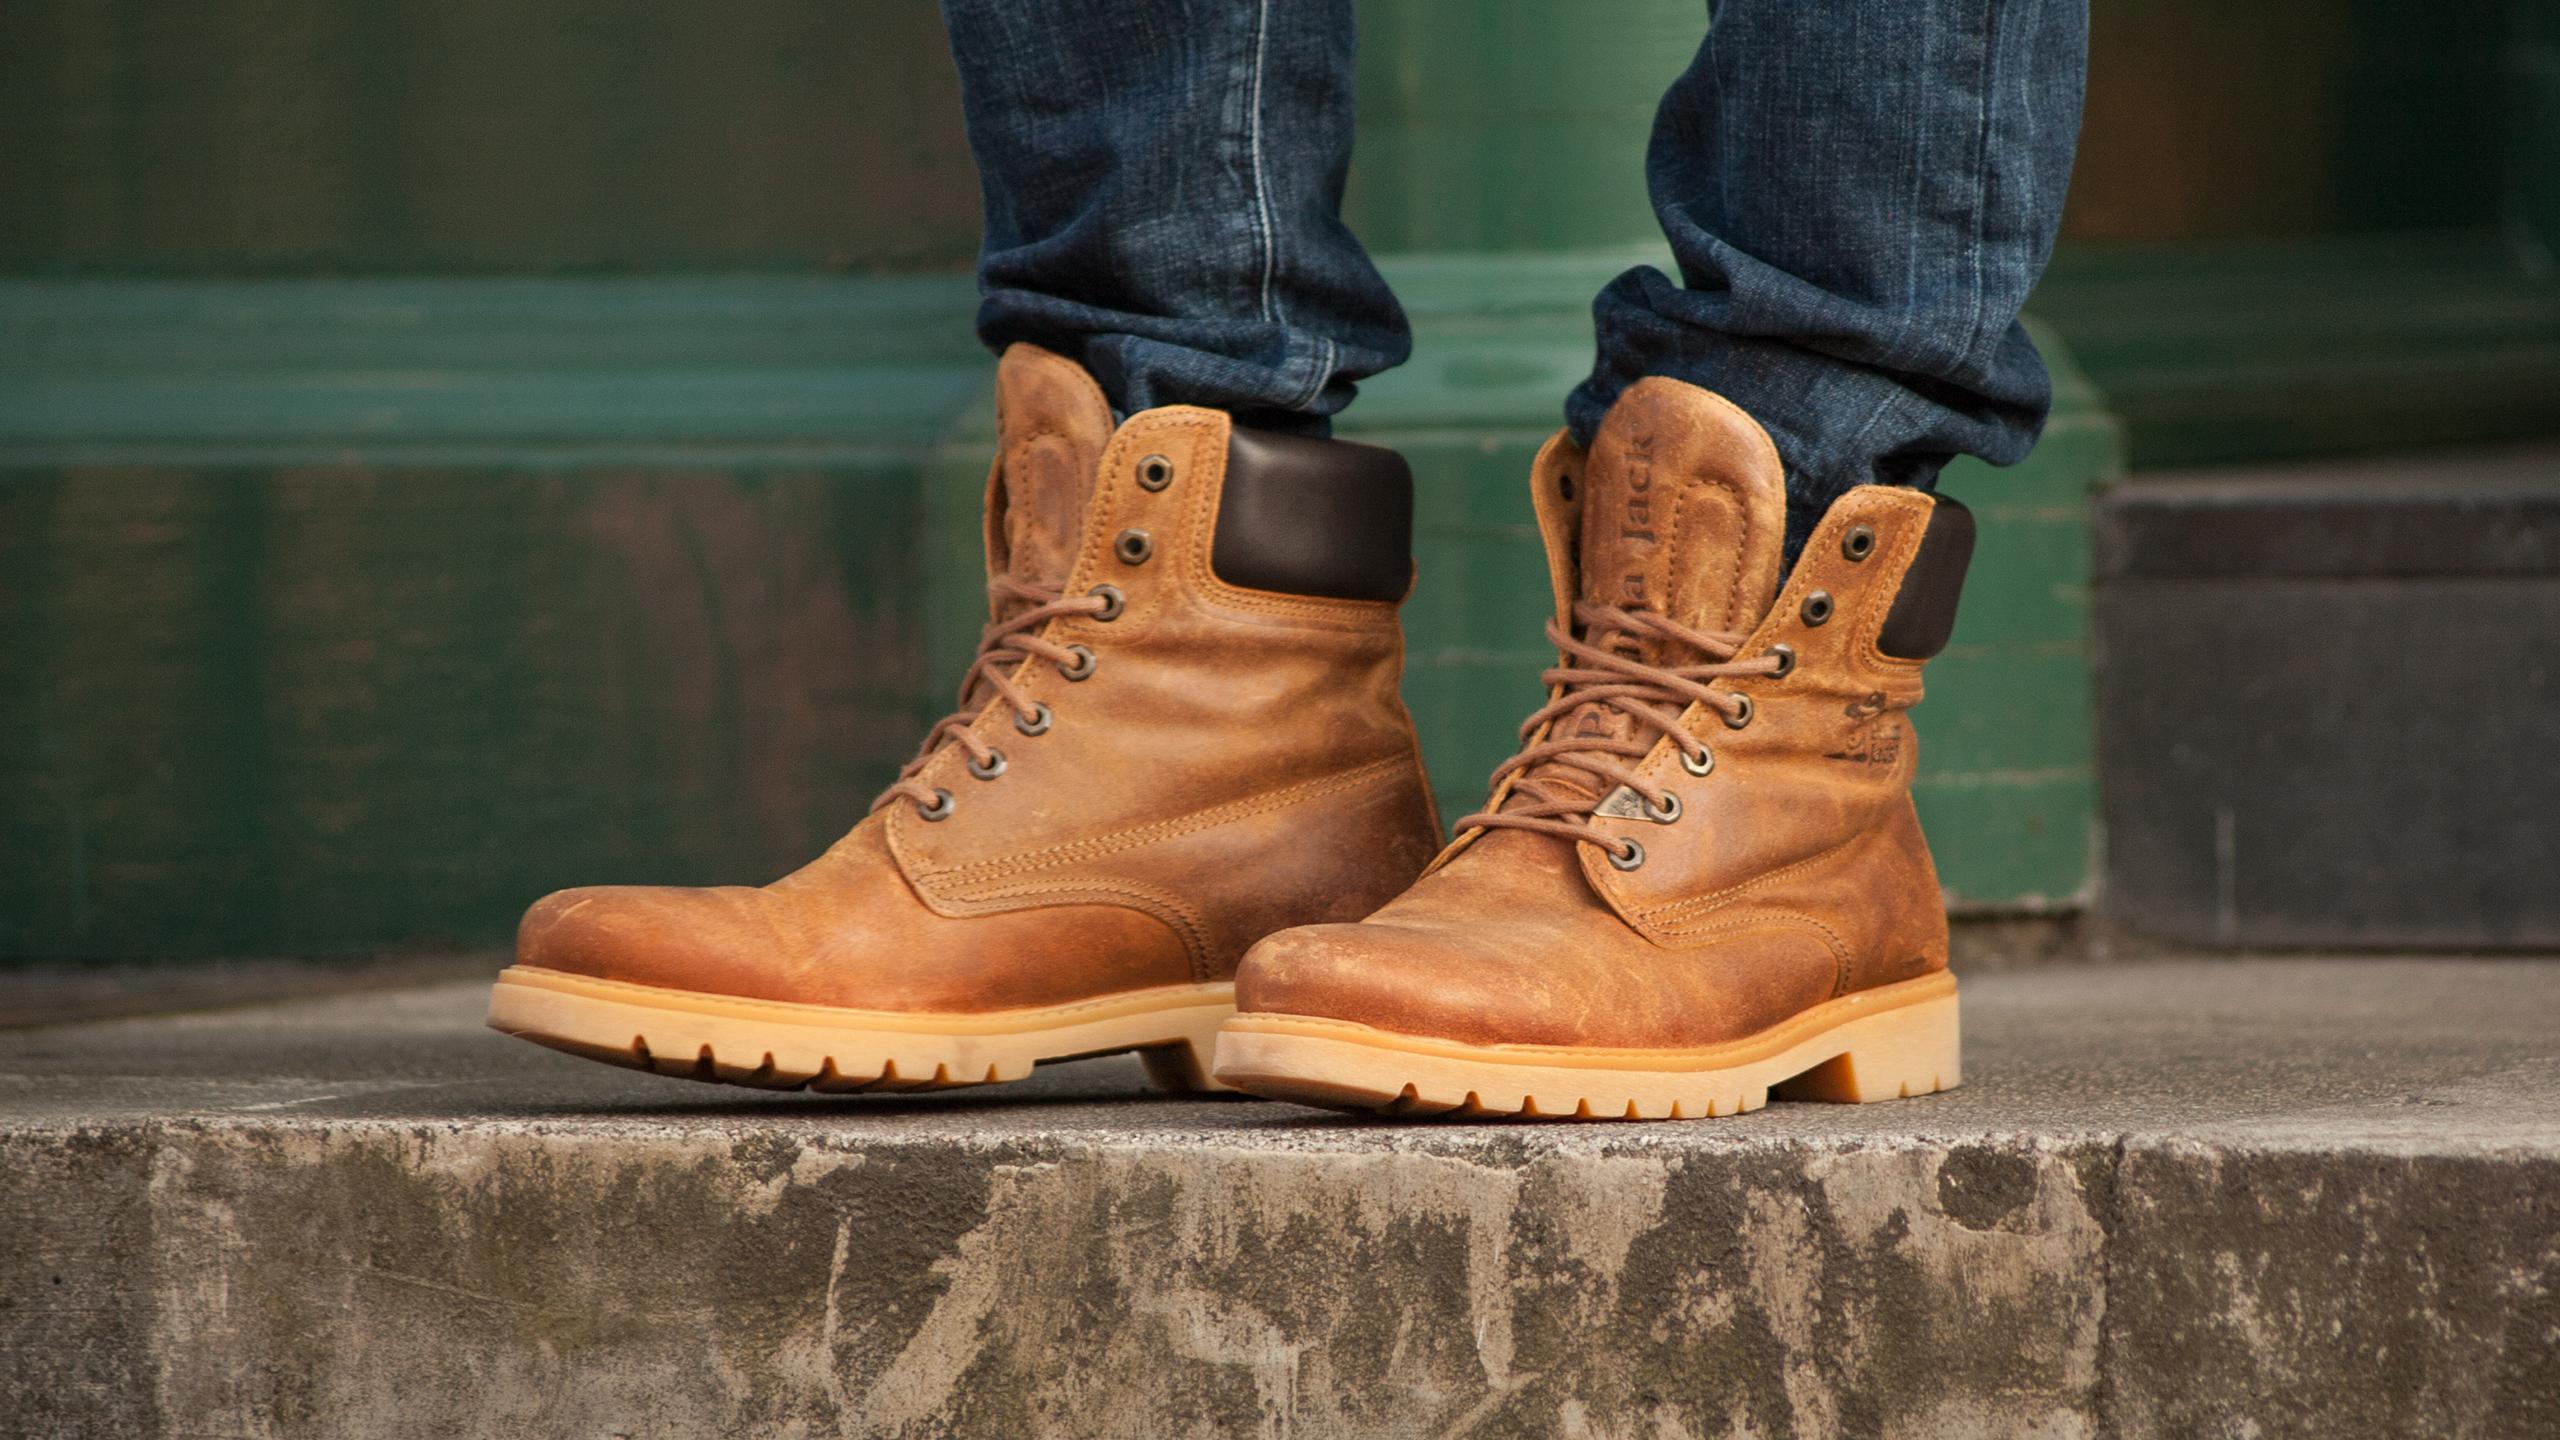 d3220b4ee59 Botas de hombre (Tipo Timberland) ¿Pantalón por dentro de la bota o ...